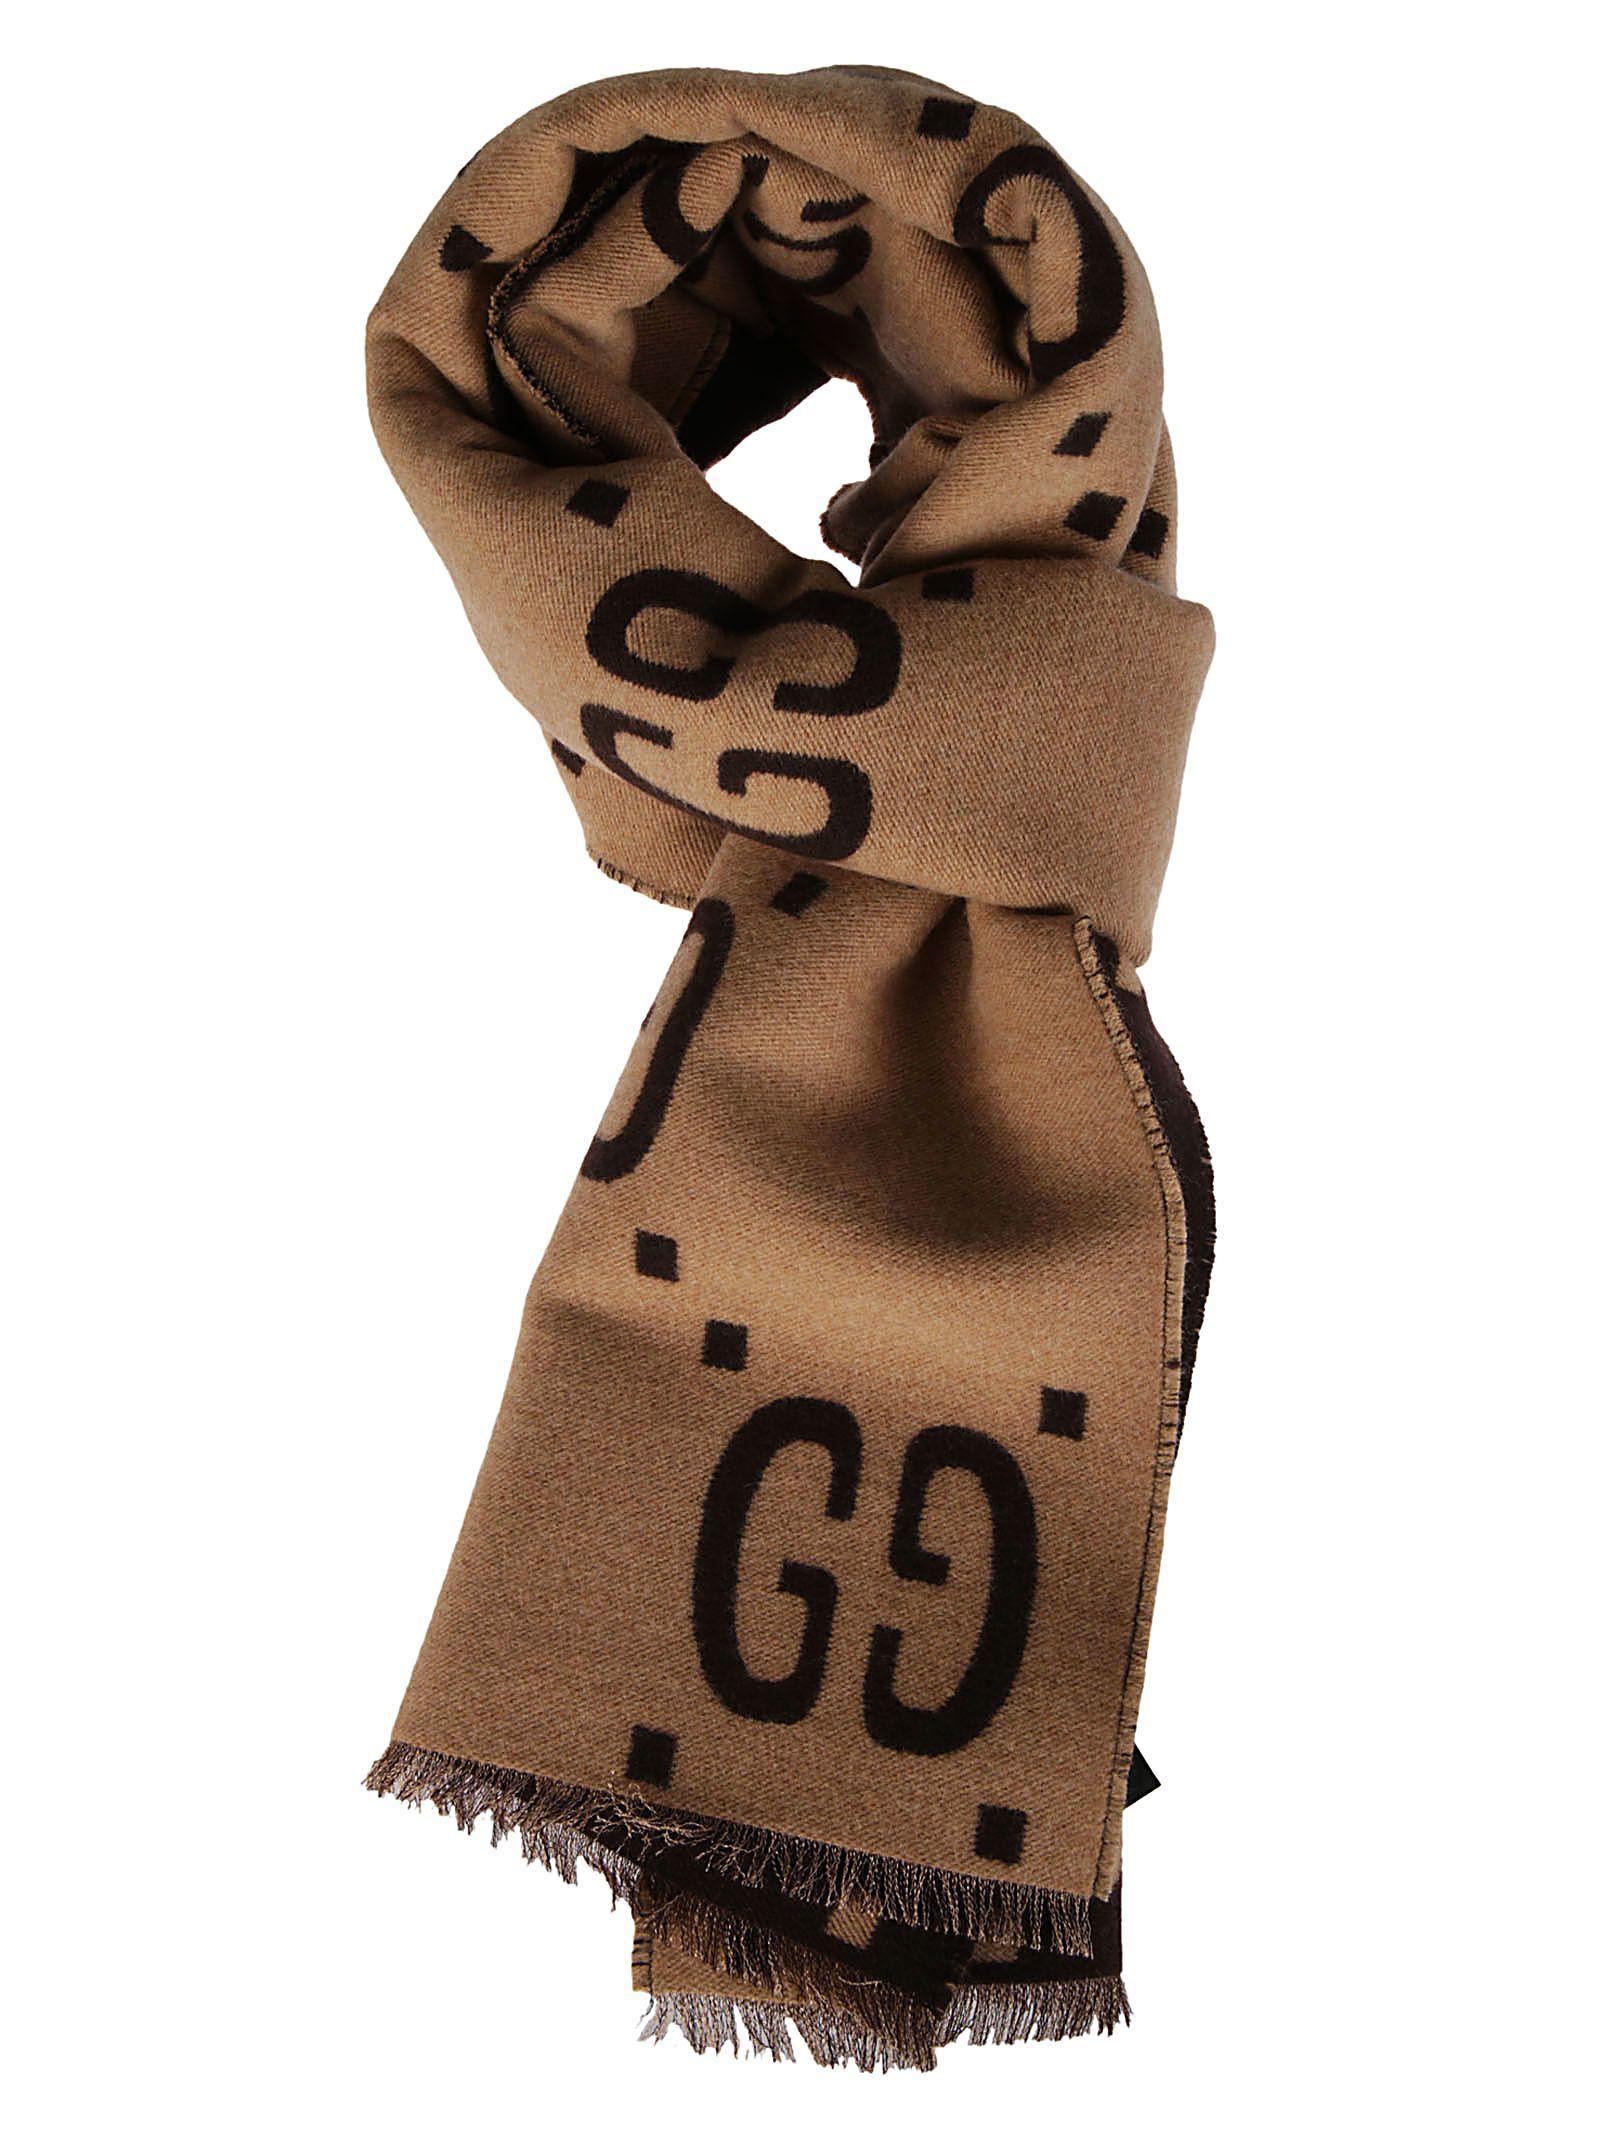 6e8028821bb8 GUCCI GG SUPREME PRINT SCARF. #gucci # | Gucci Men in 2019 | Gucci ...